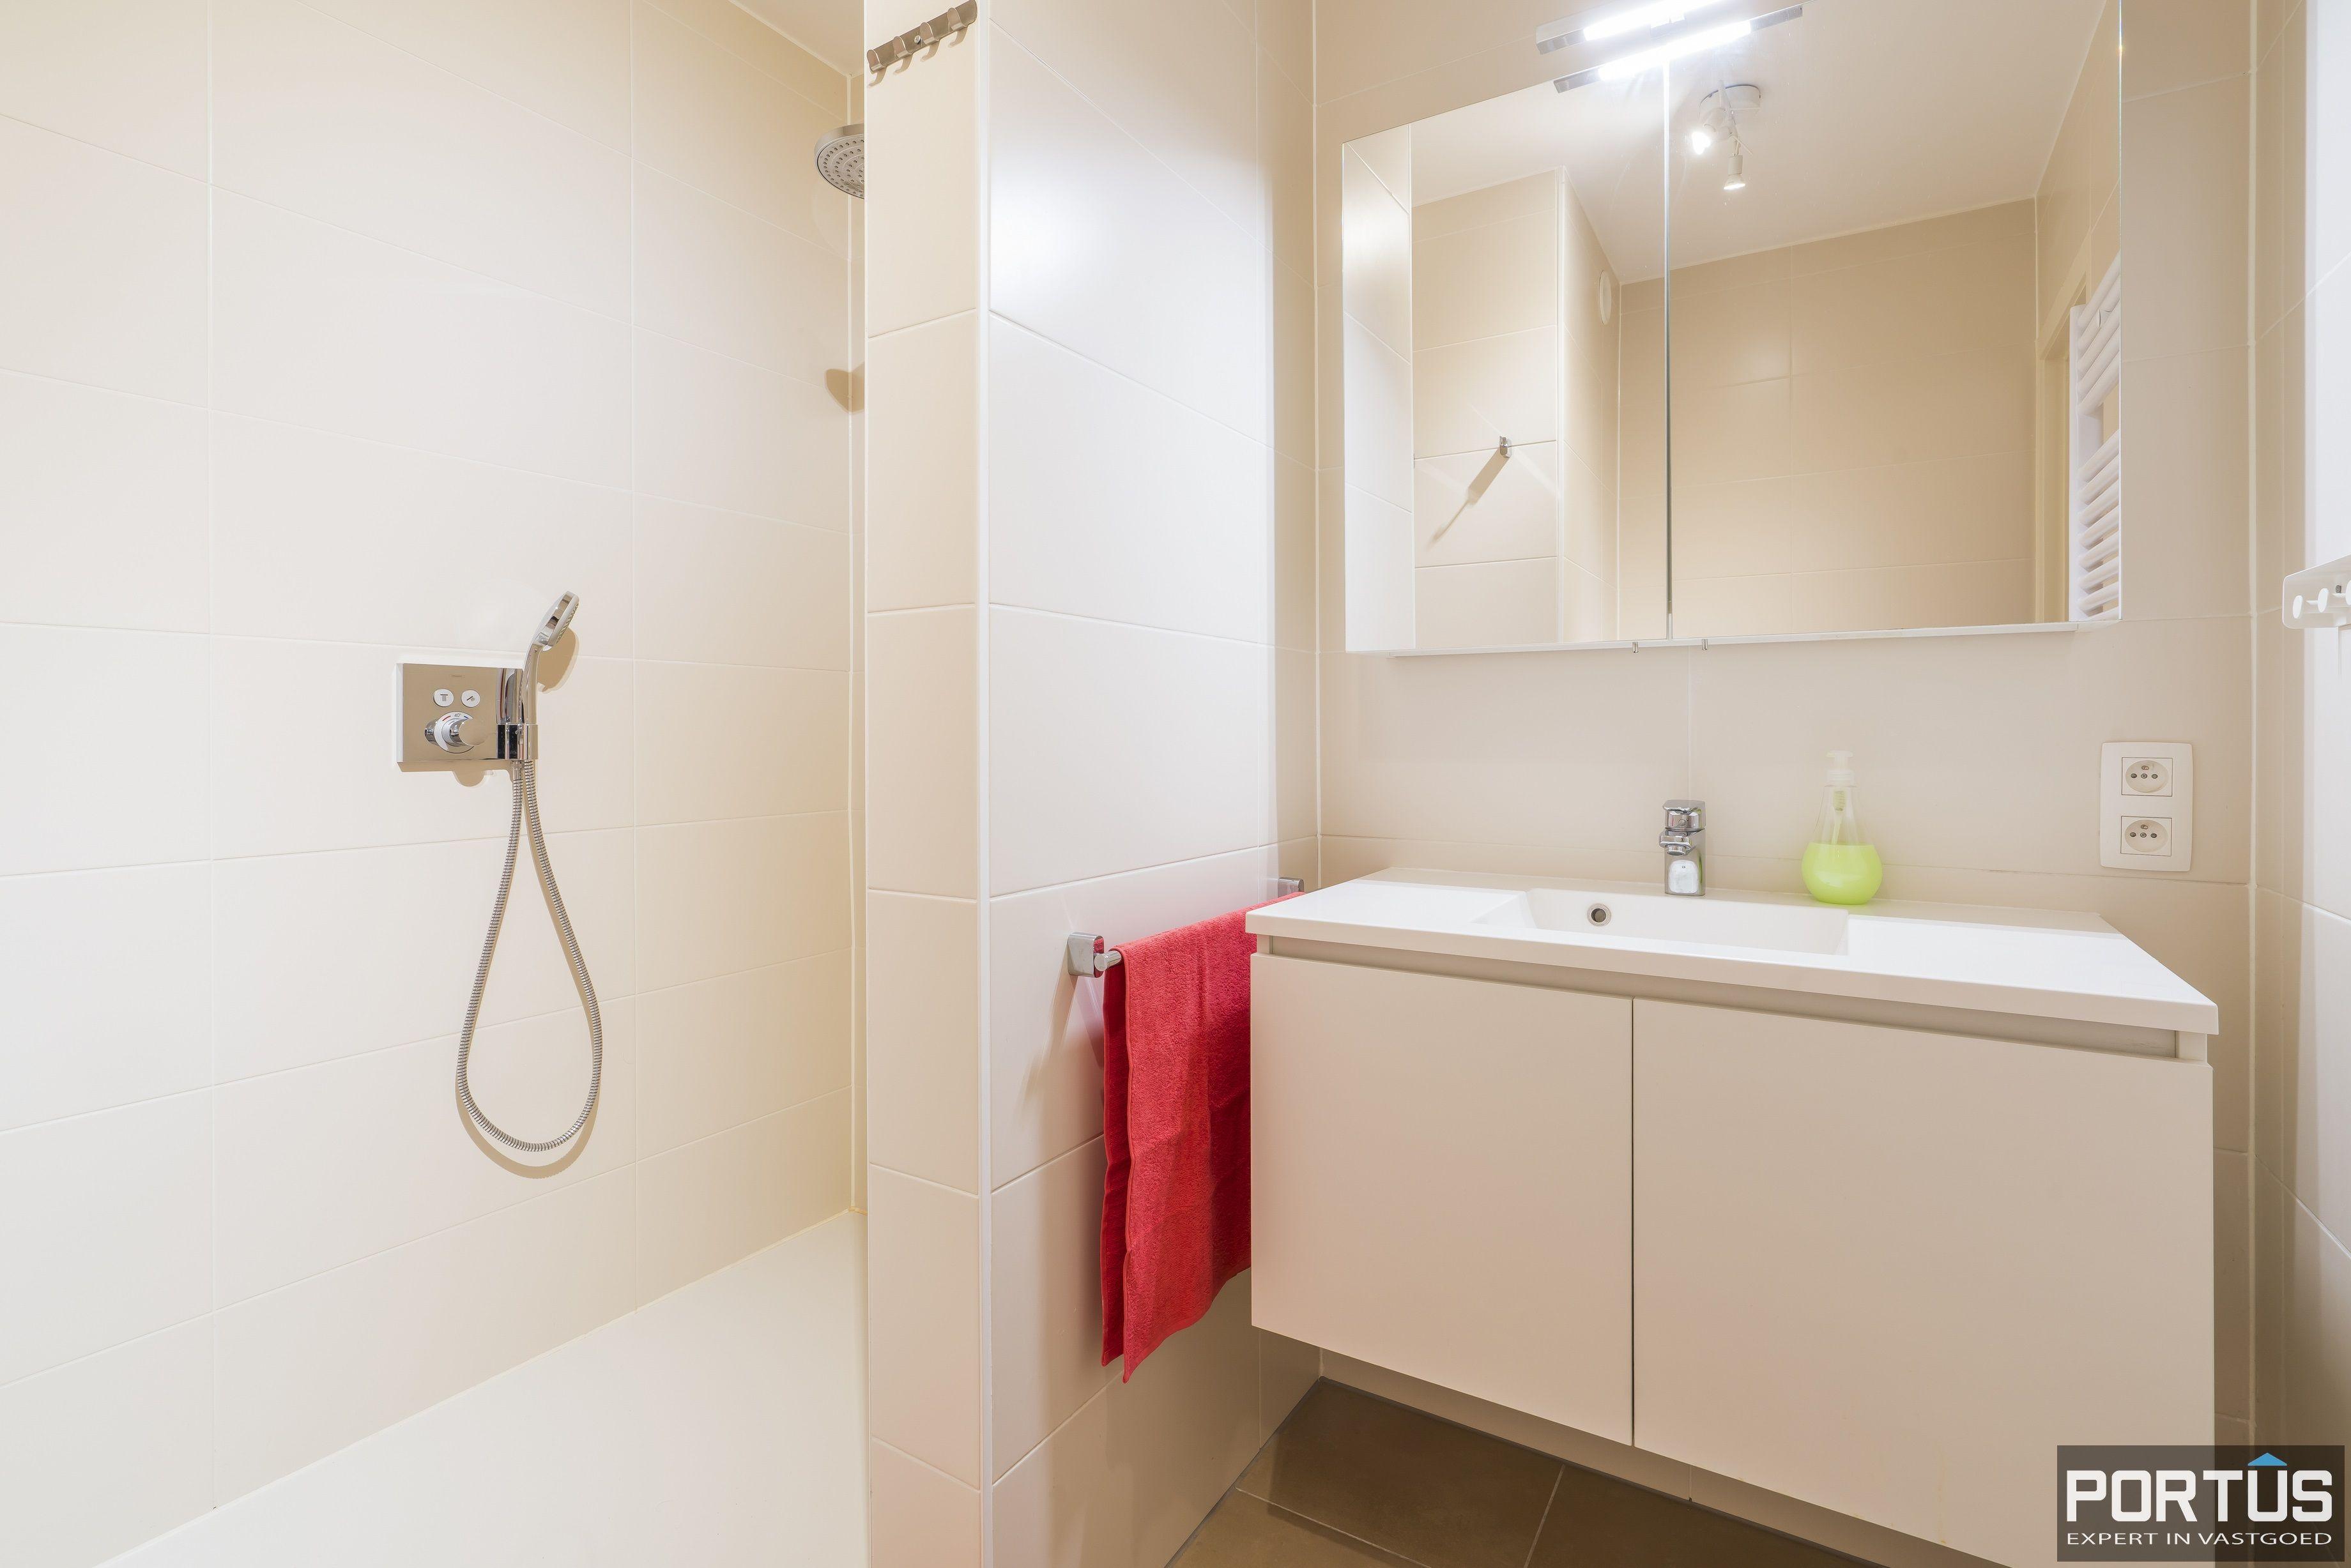 Instapklaar appartement te koop met prachtig zicht op Maritiem park te Nieuwpoort - 13310